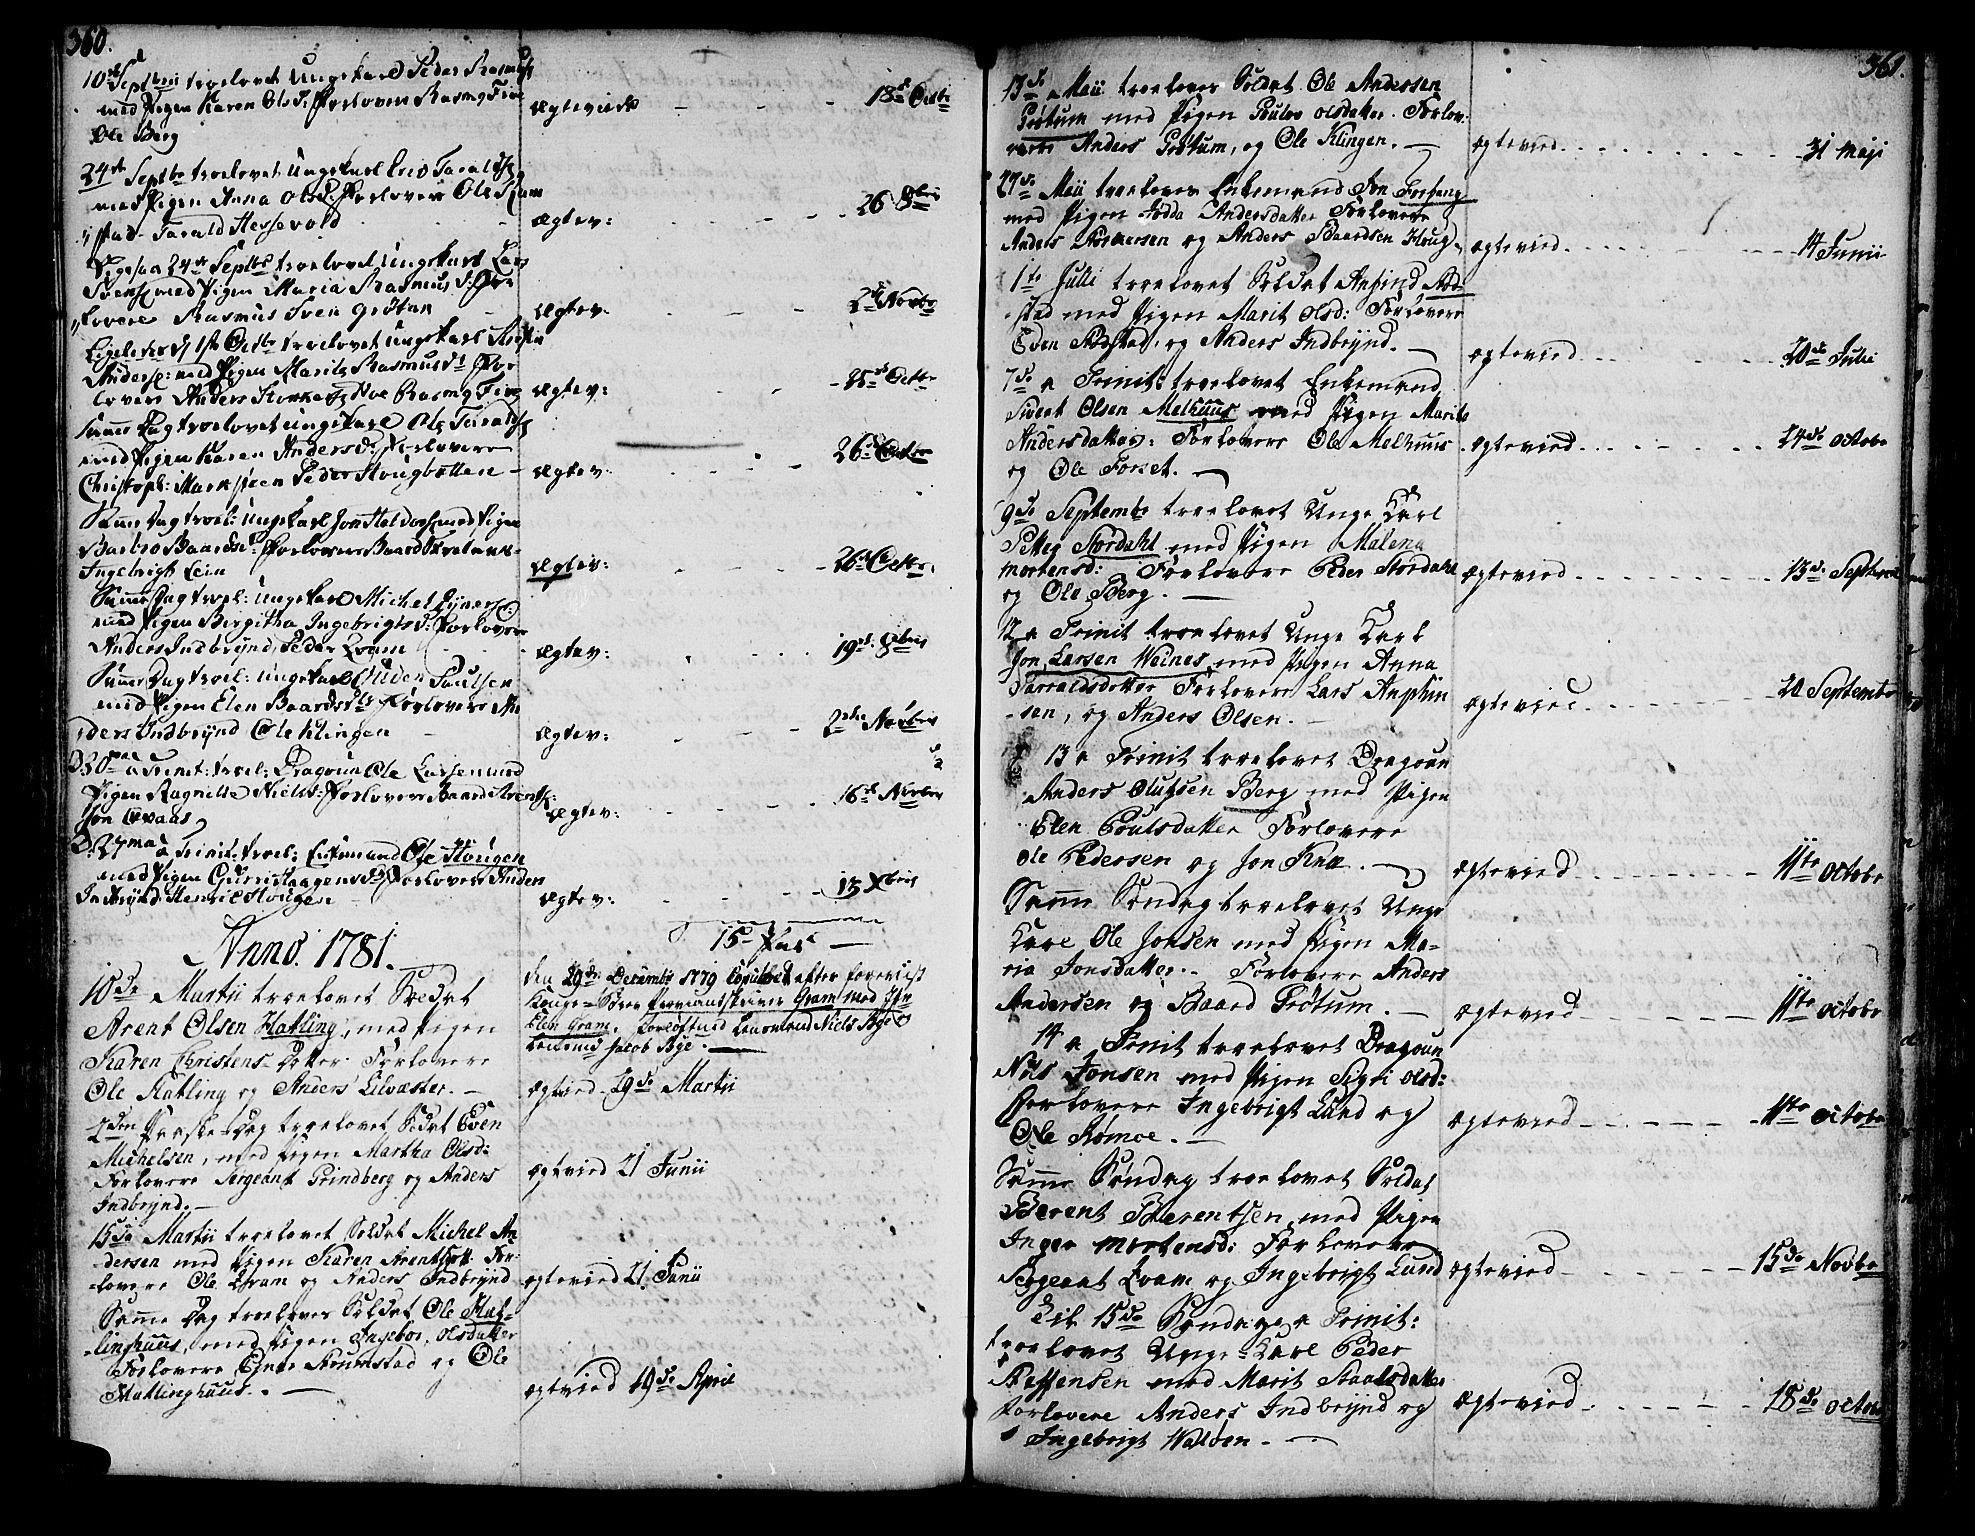 SAT, Ministerialprotokoller, klokkerbøker og fødselsregistre - Nord-Trøndelag, 746/L0440: Ministerialbok nr. 746A02, 1760-1815, s. 360-361